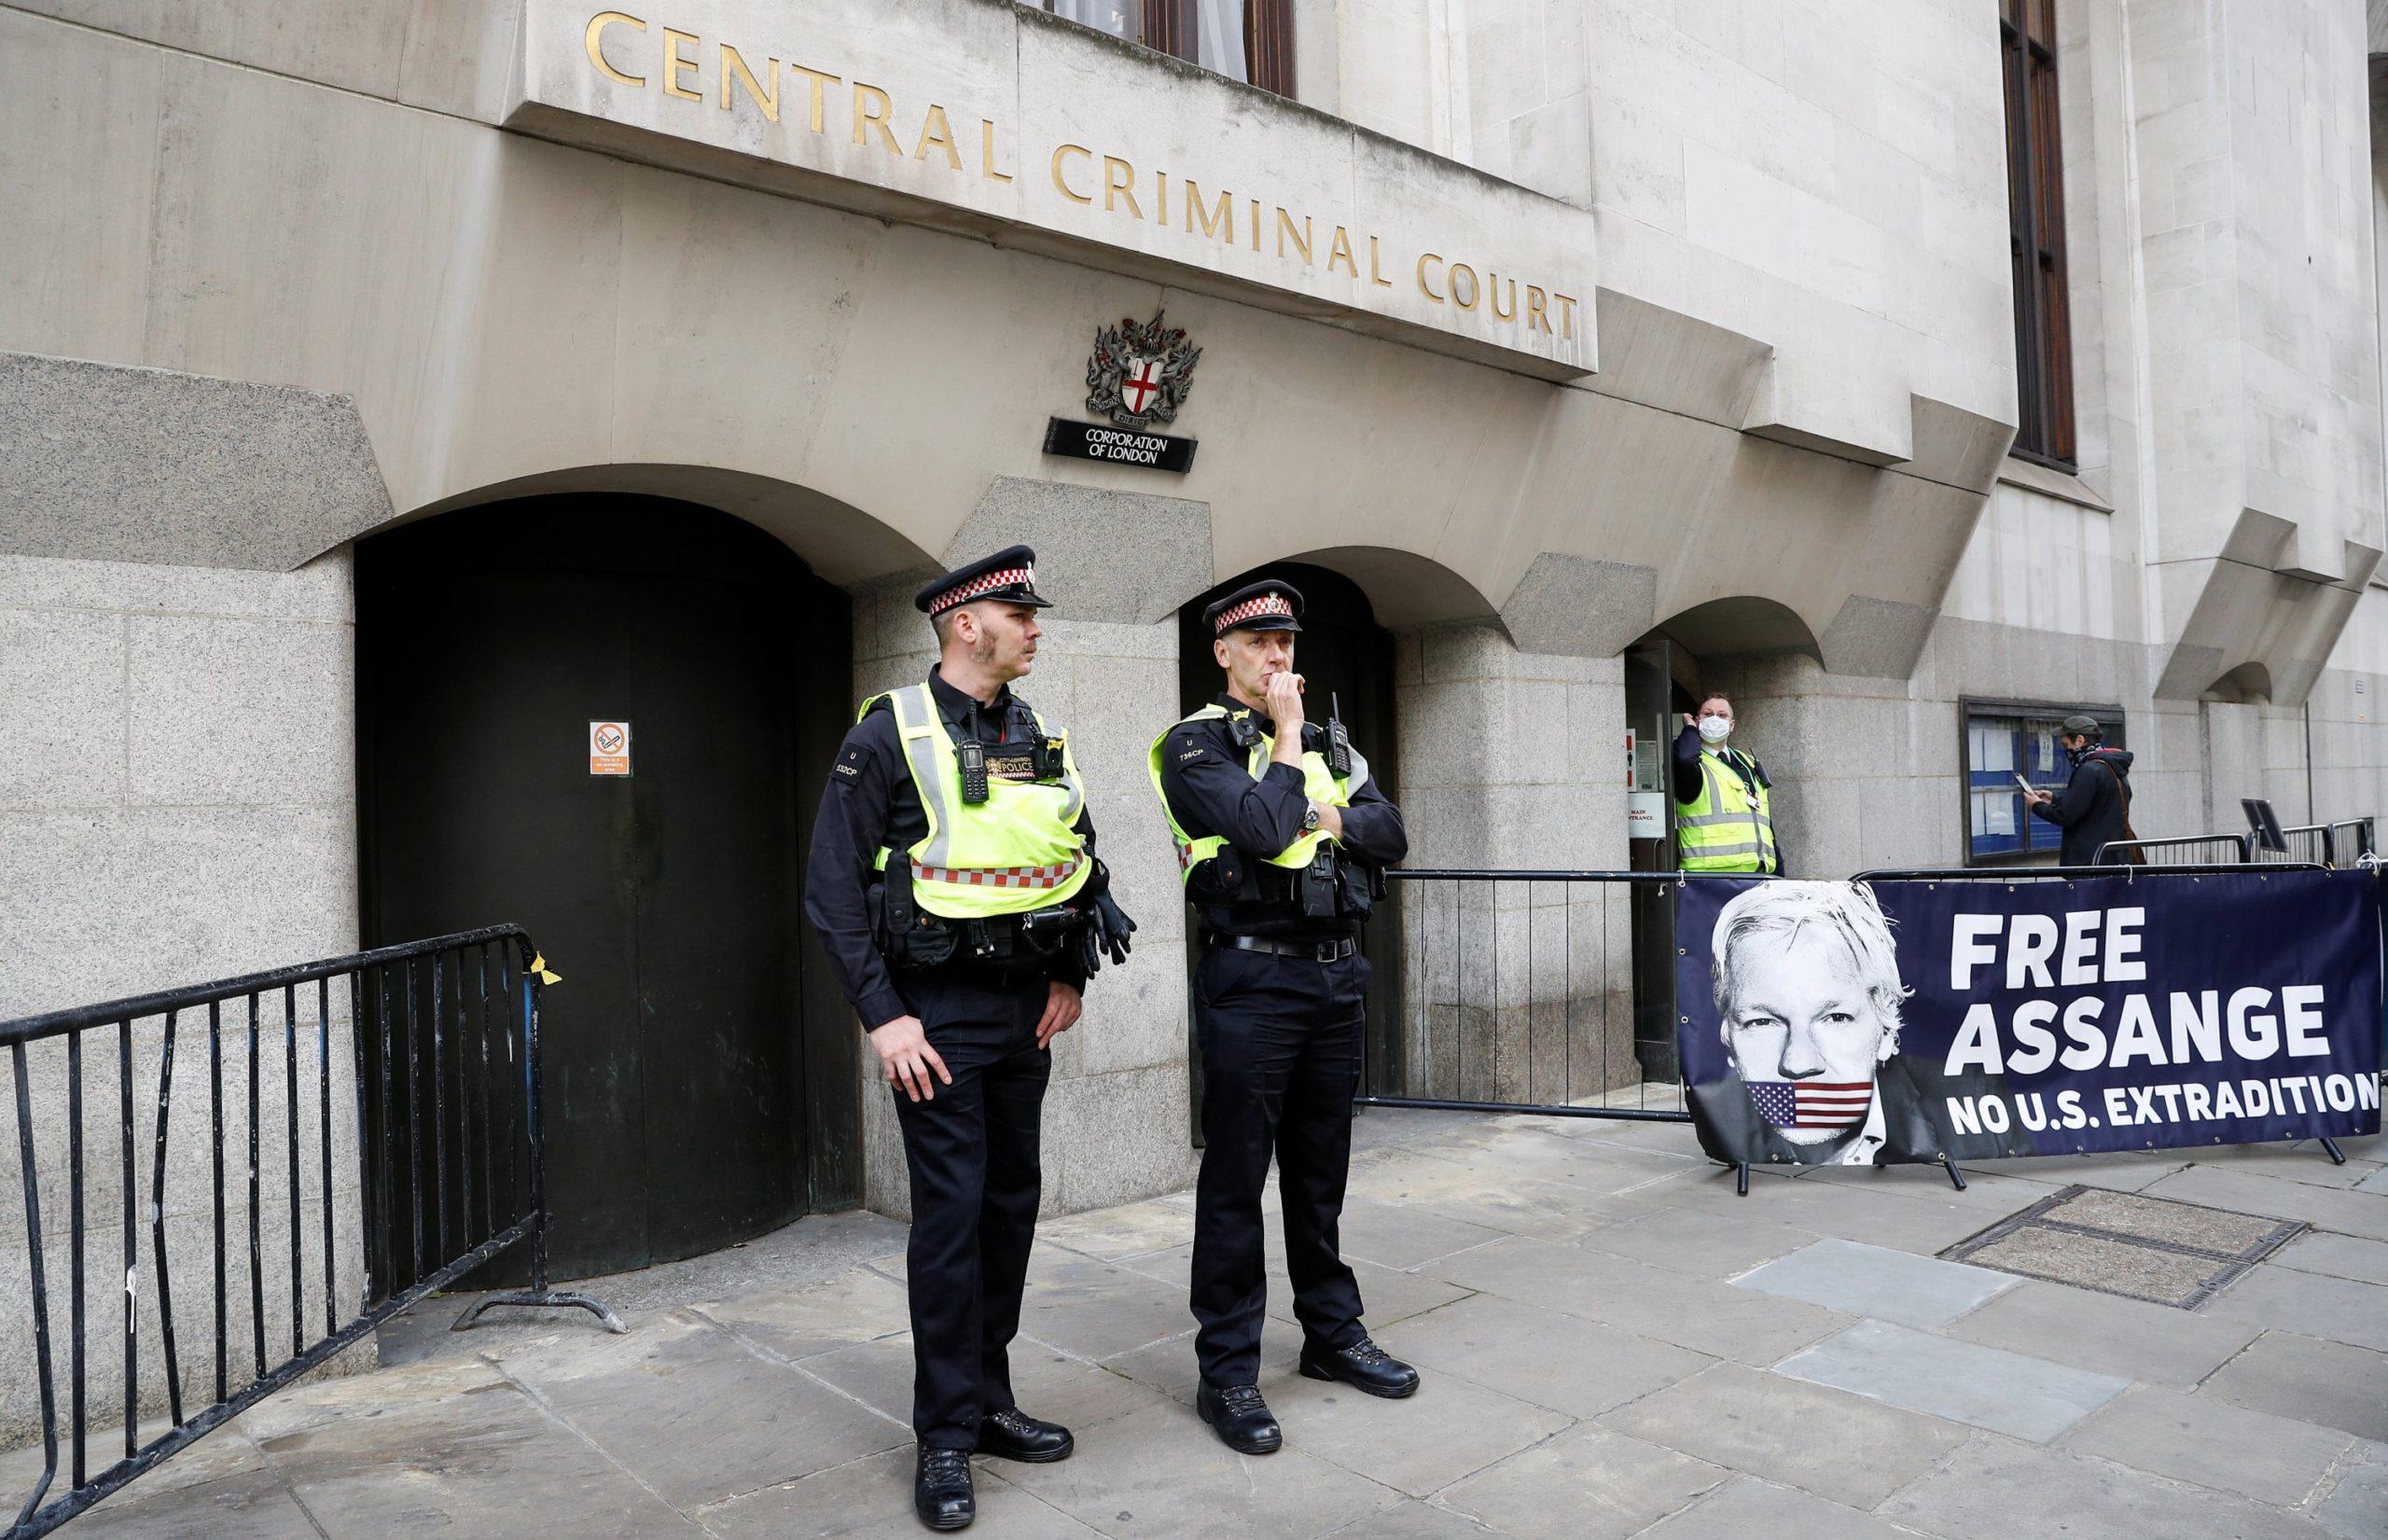 Assange's Third Day